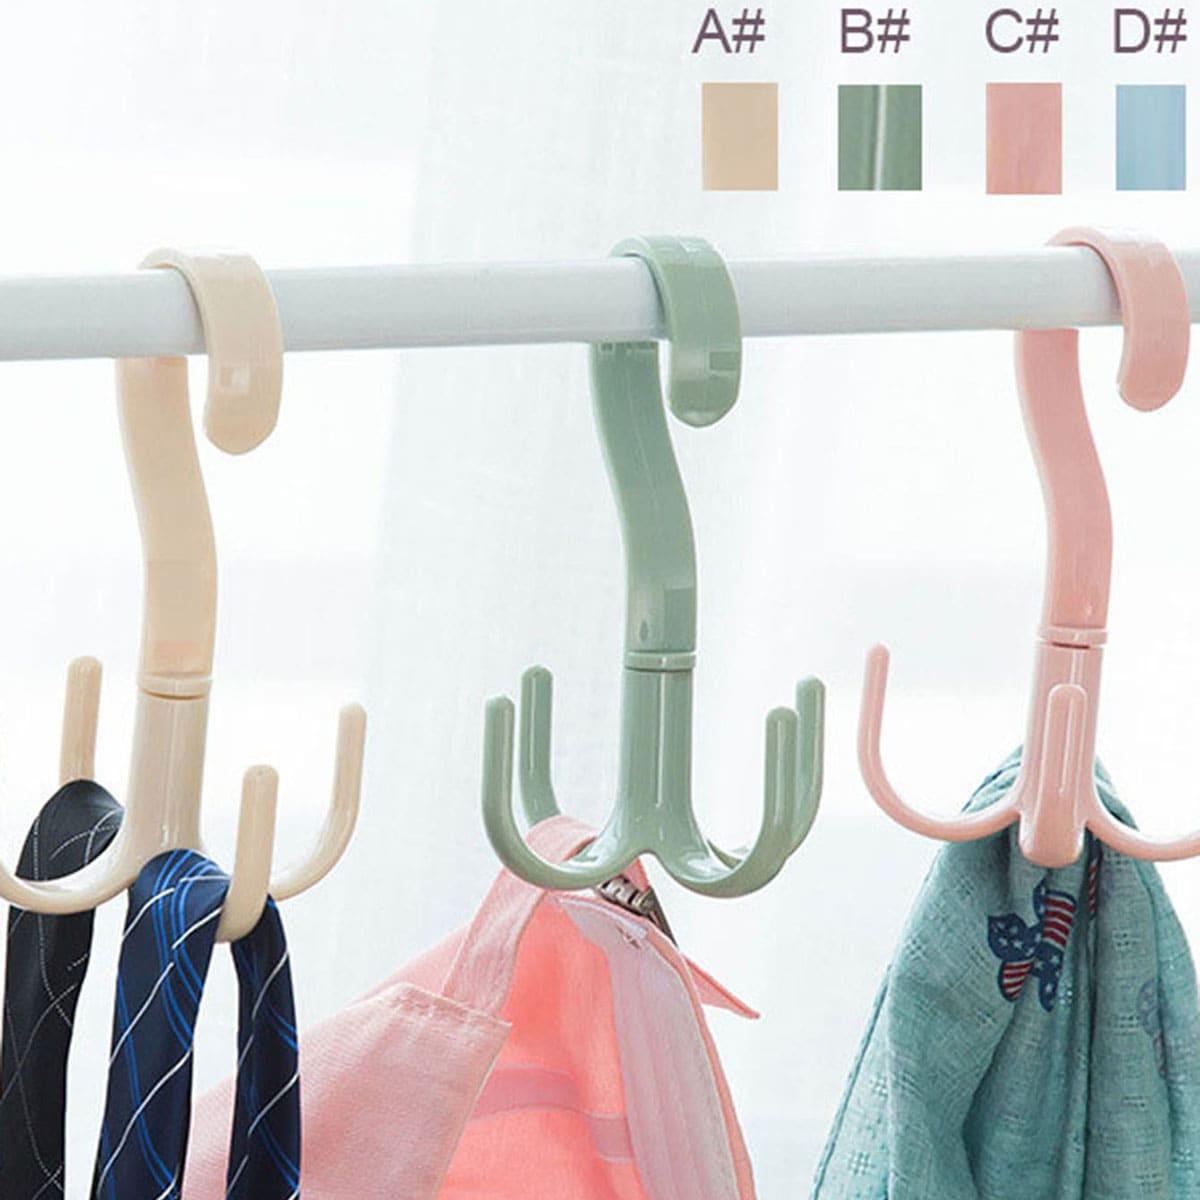 1 st Plastic 4 klauw Design sjaal hanger